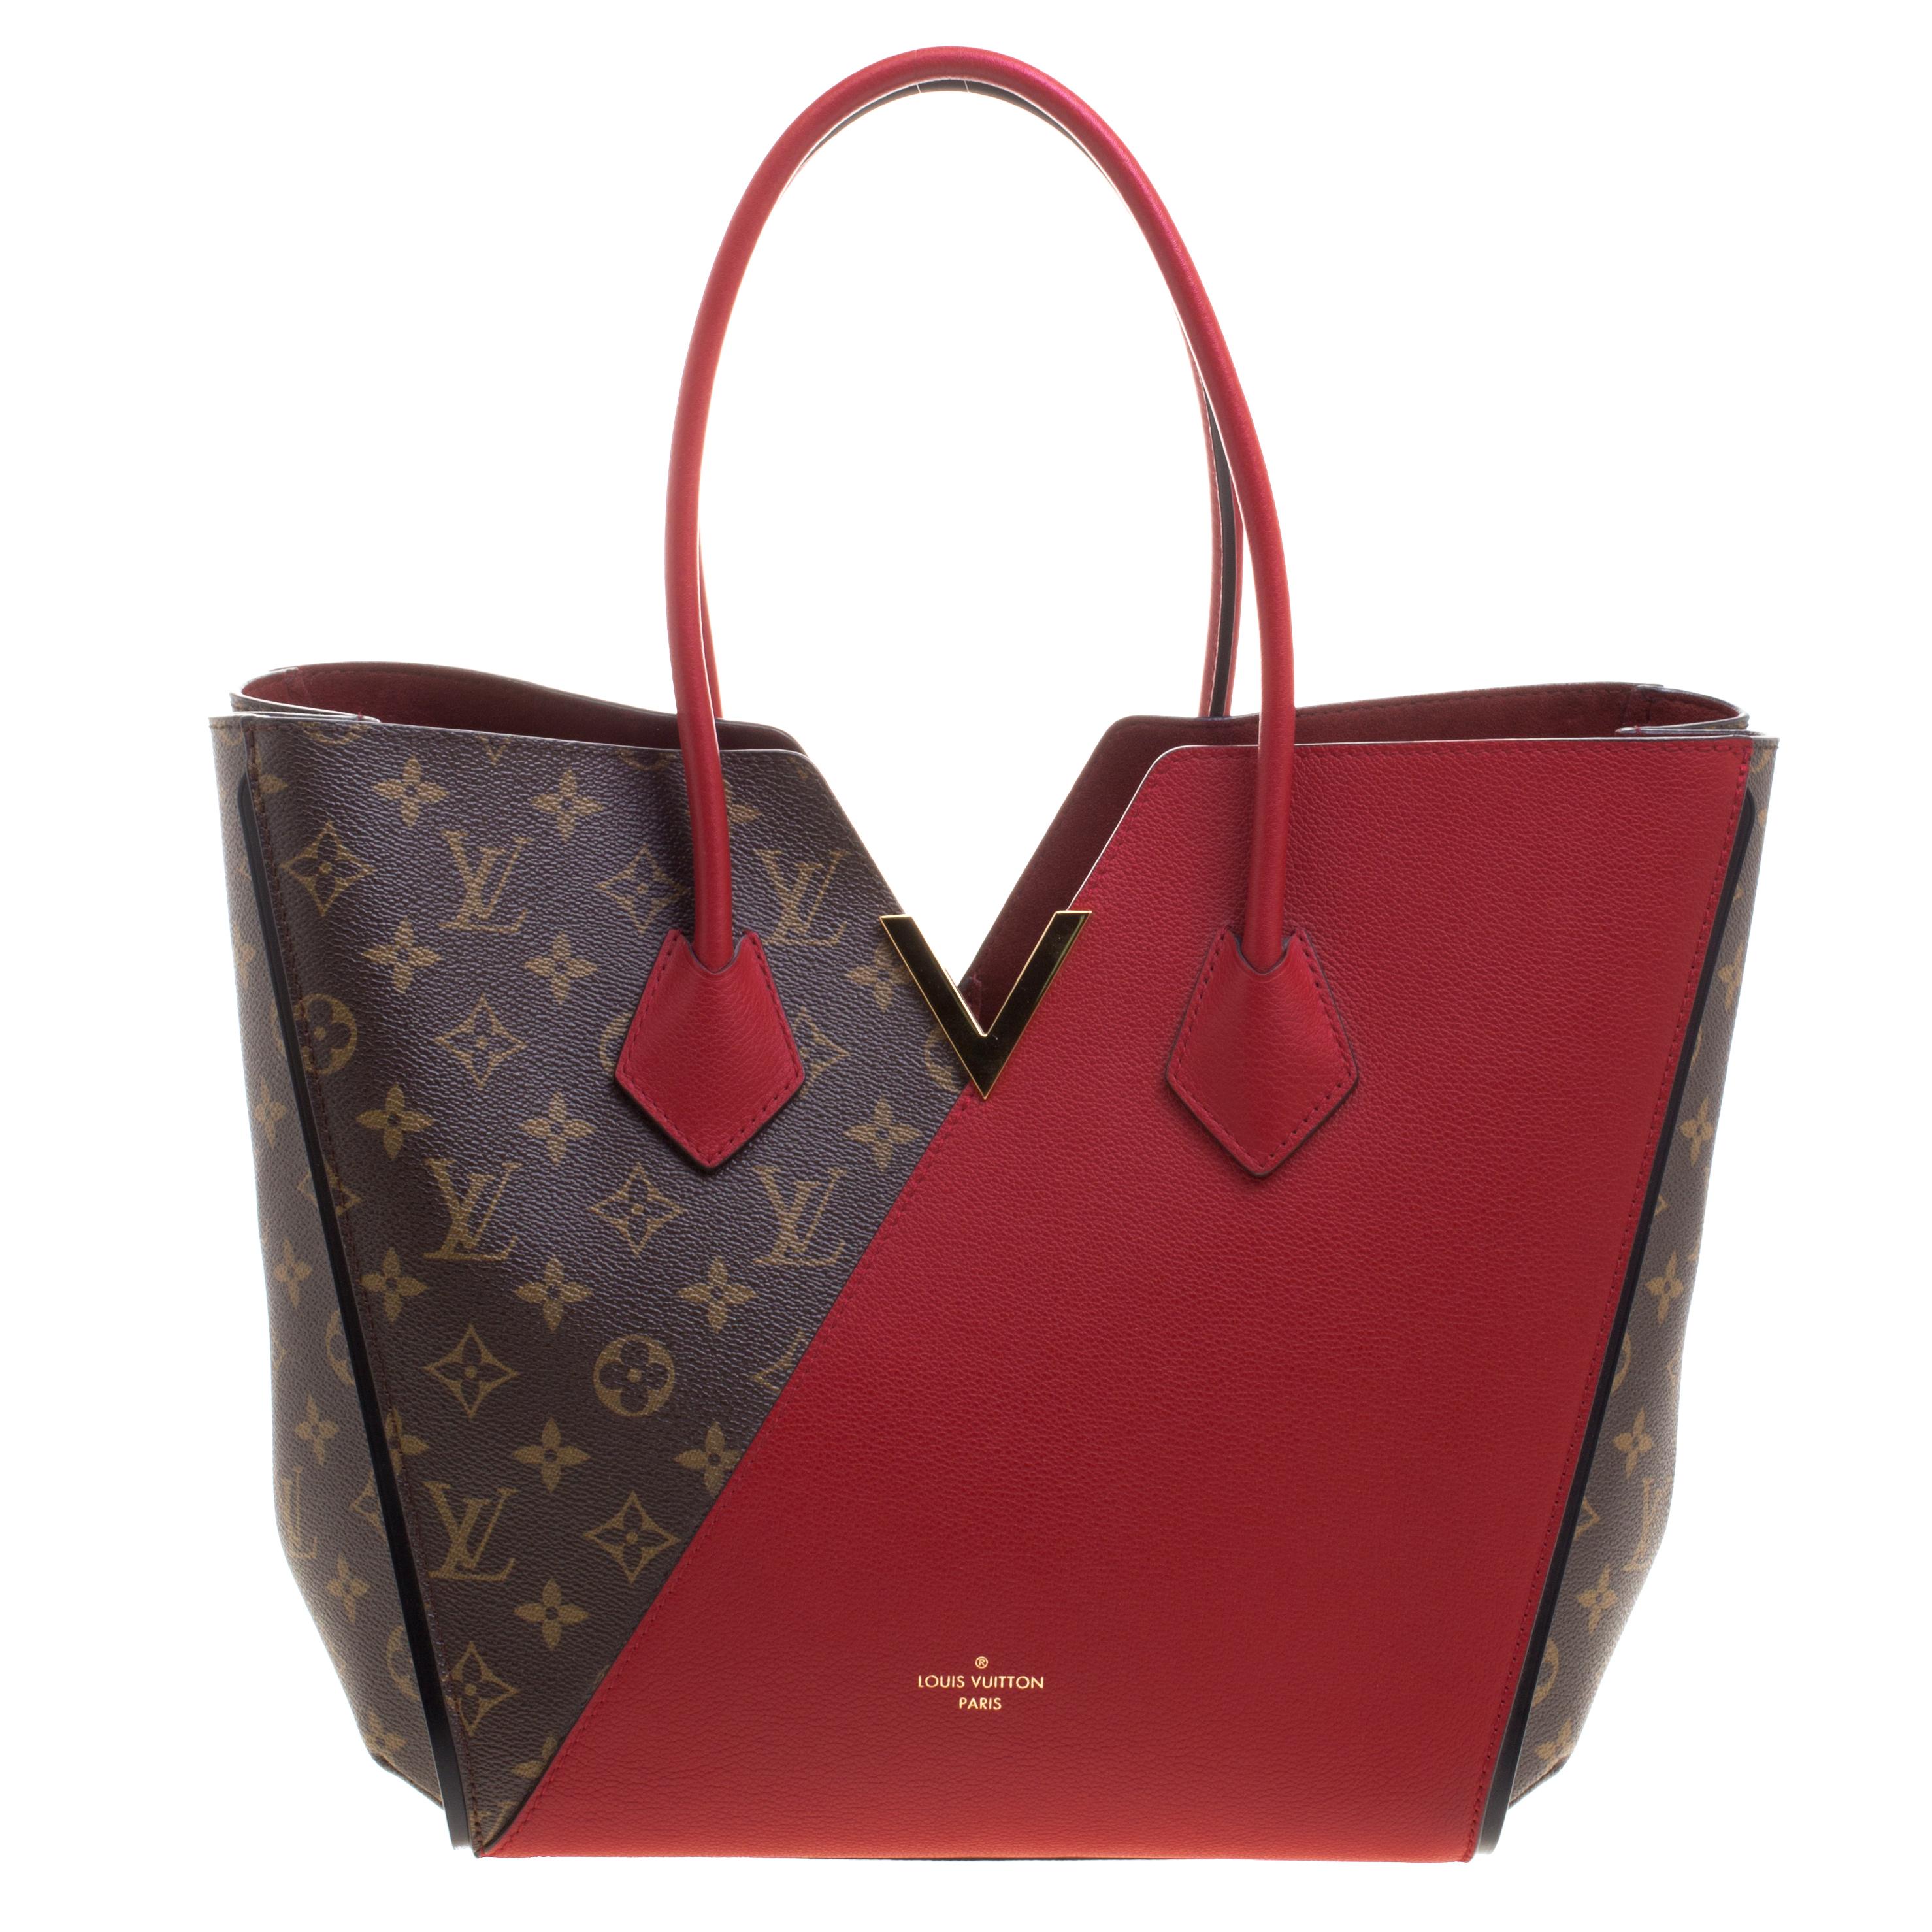 bbb8102a046a ... Louis Vuitton Red Monogram Canvas and Leather Kimono Bag. nextprev.  prevnext